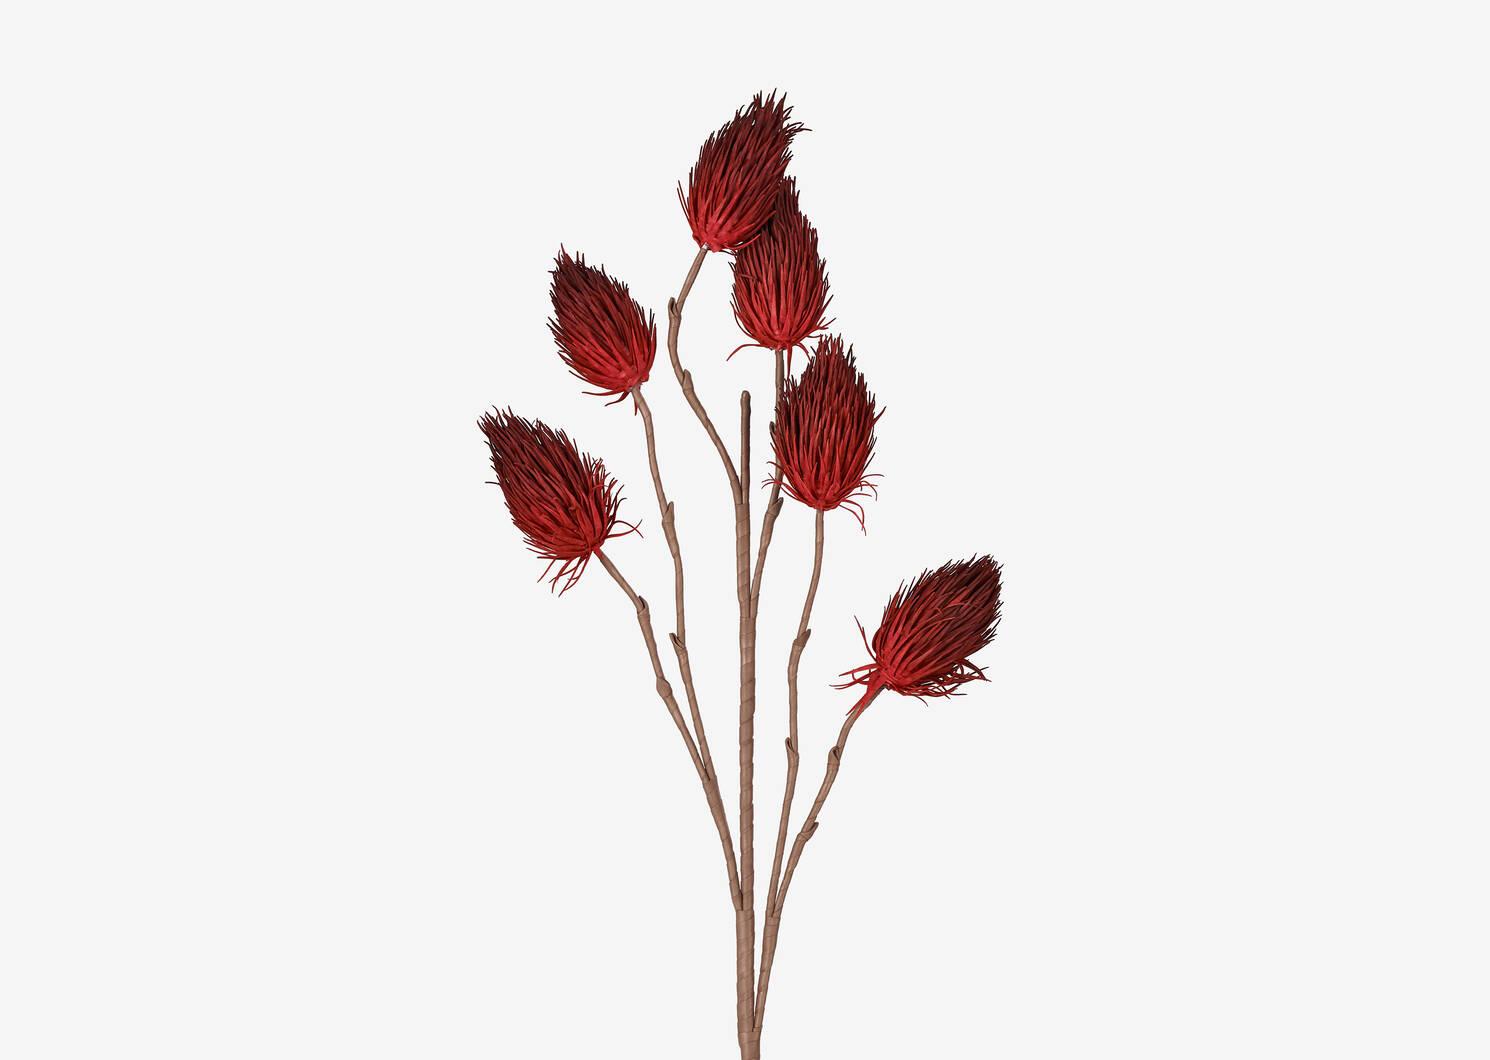 Branche bourgeons Liya rouge amaryllis